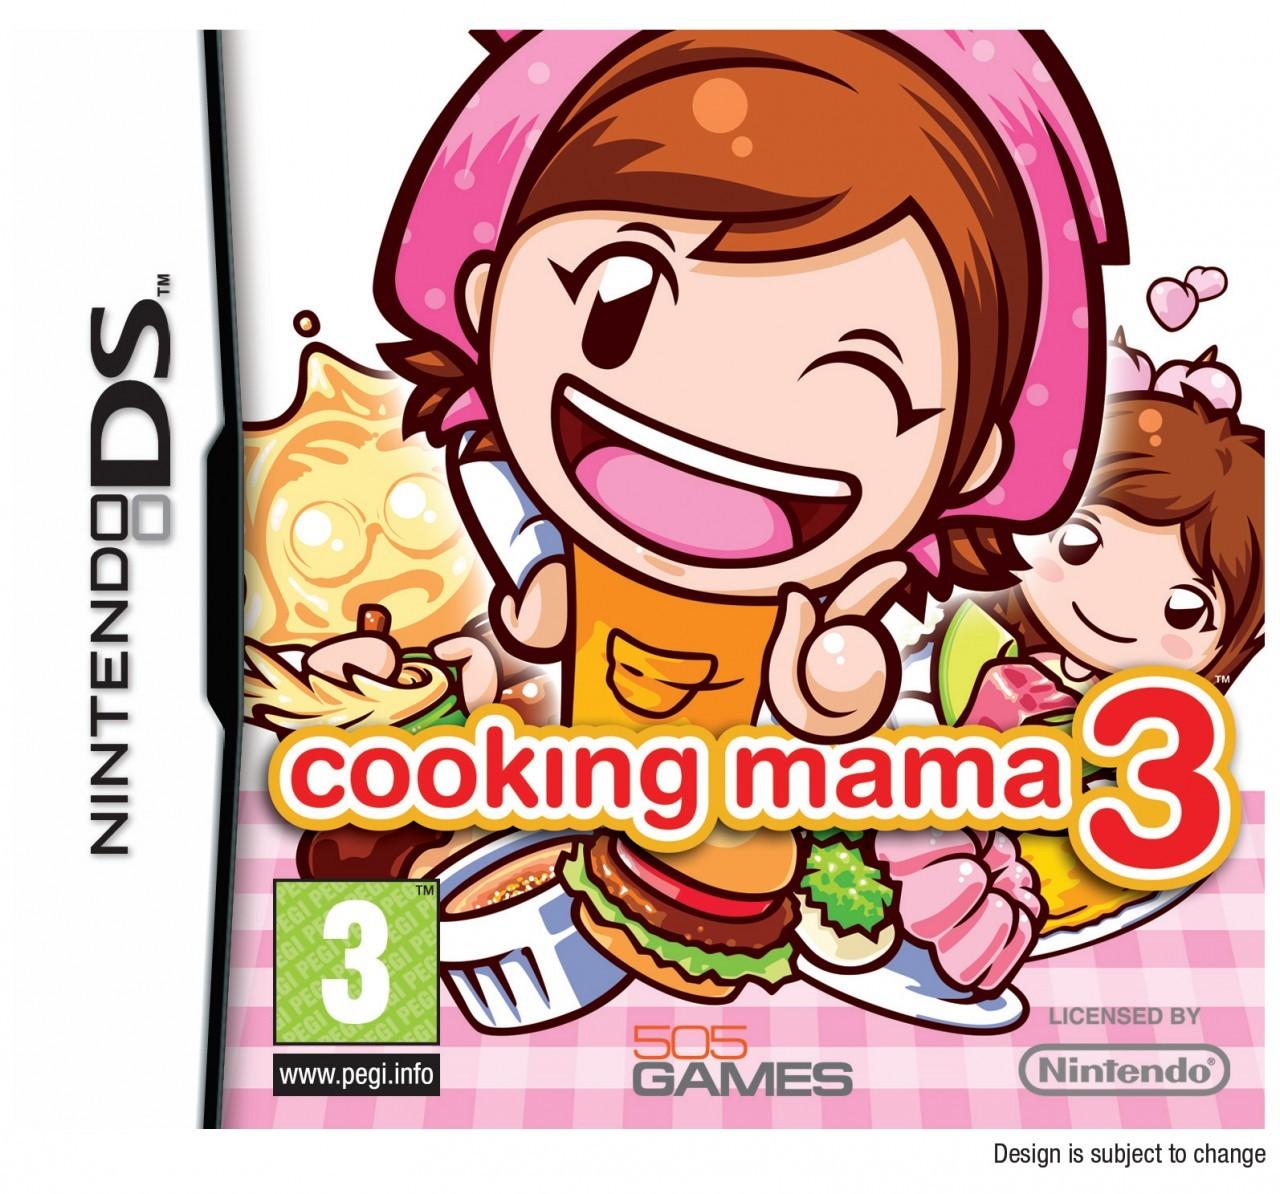 cooking mama mama